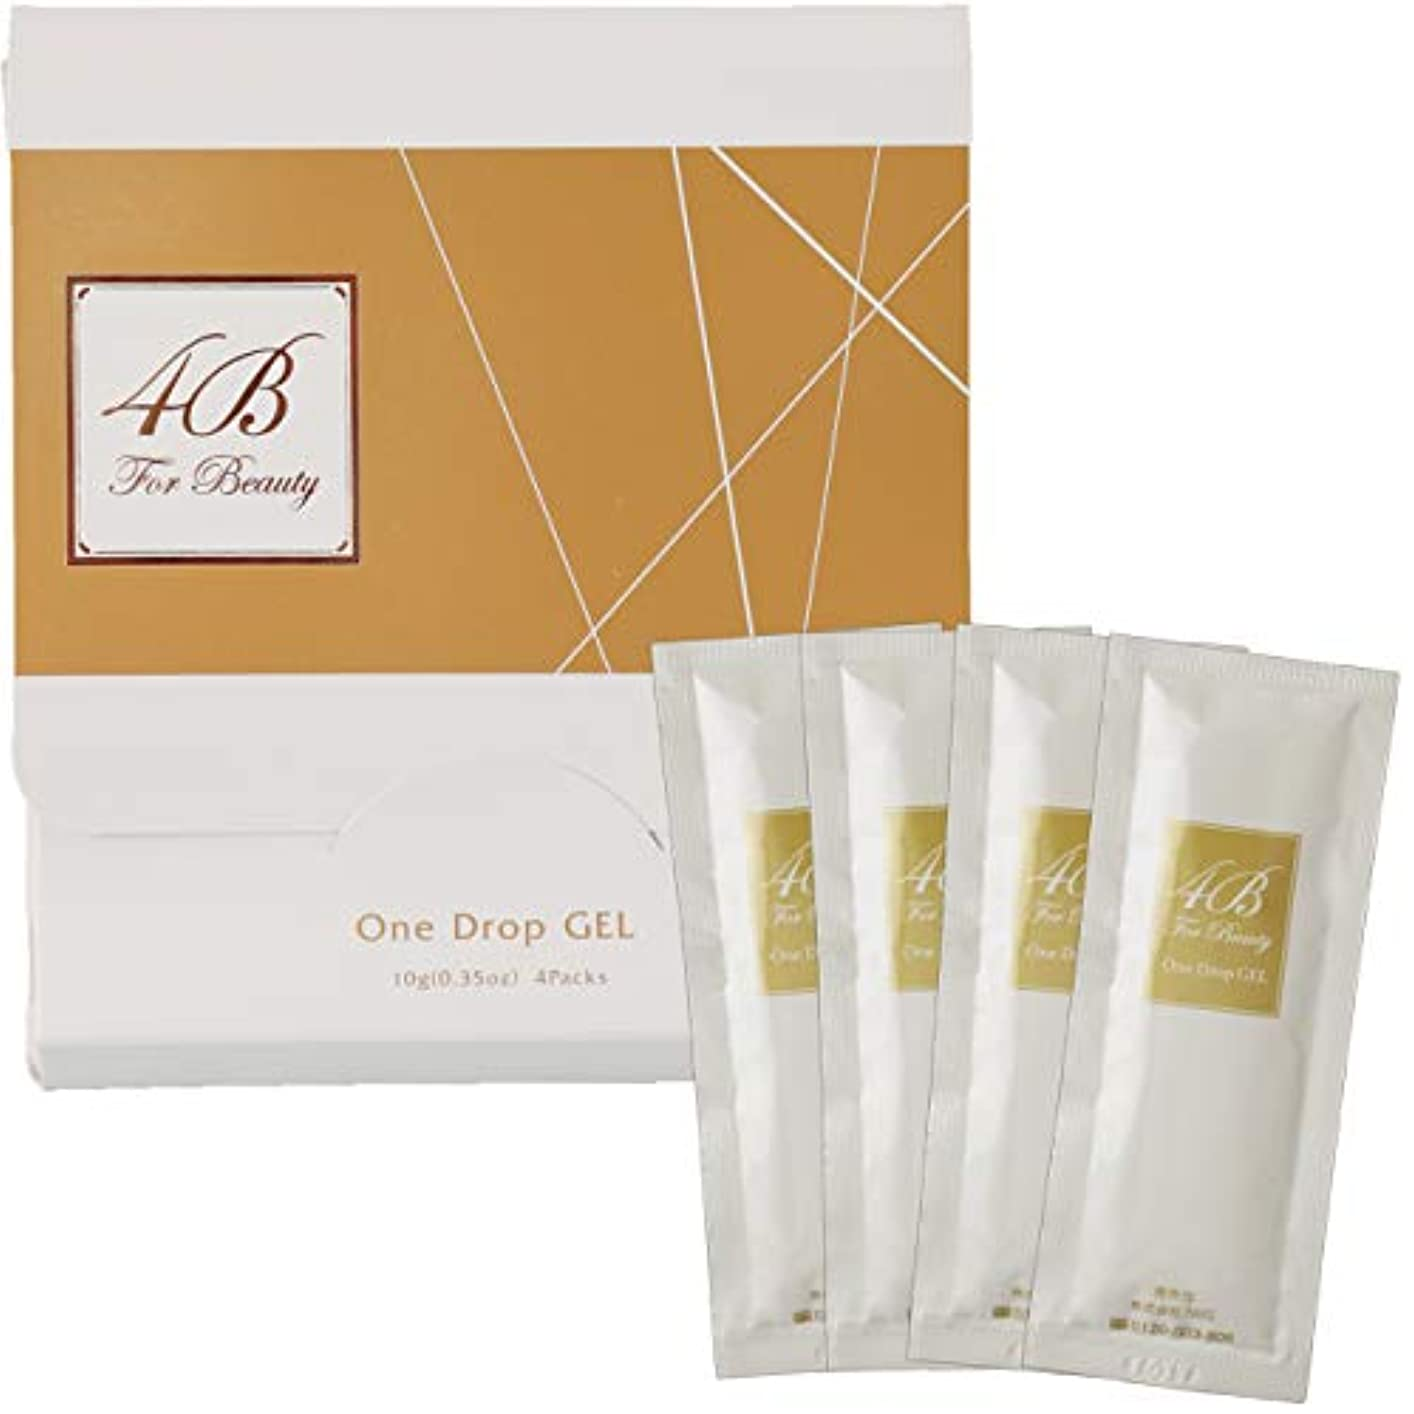 4B One Drop Gel(フォービー ワンドロップジェル)混ぜない炭酸パック 1剤式 10g×4包